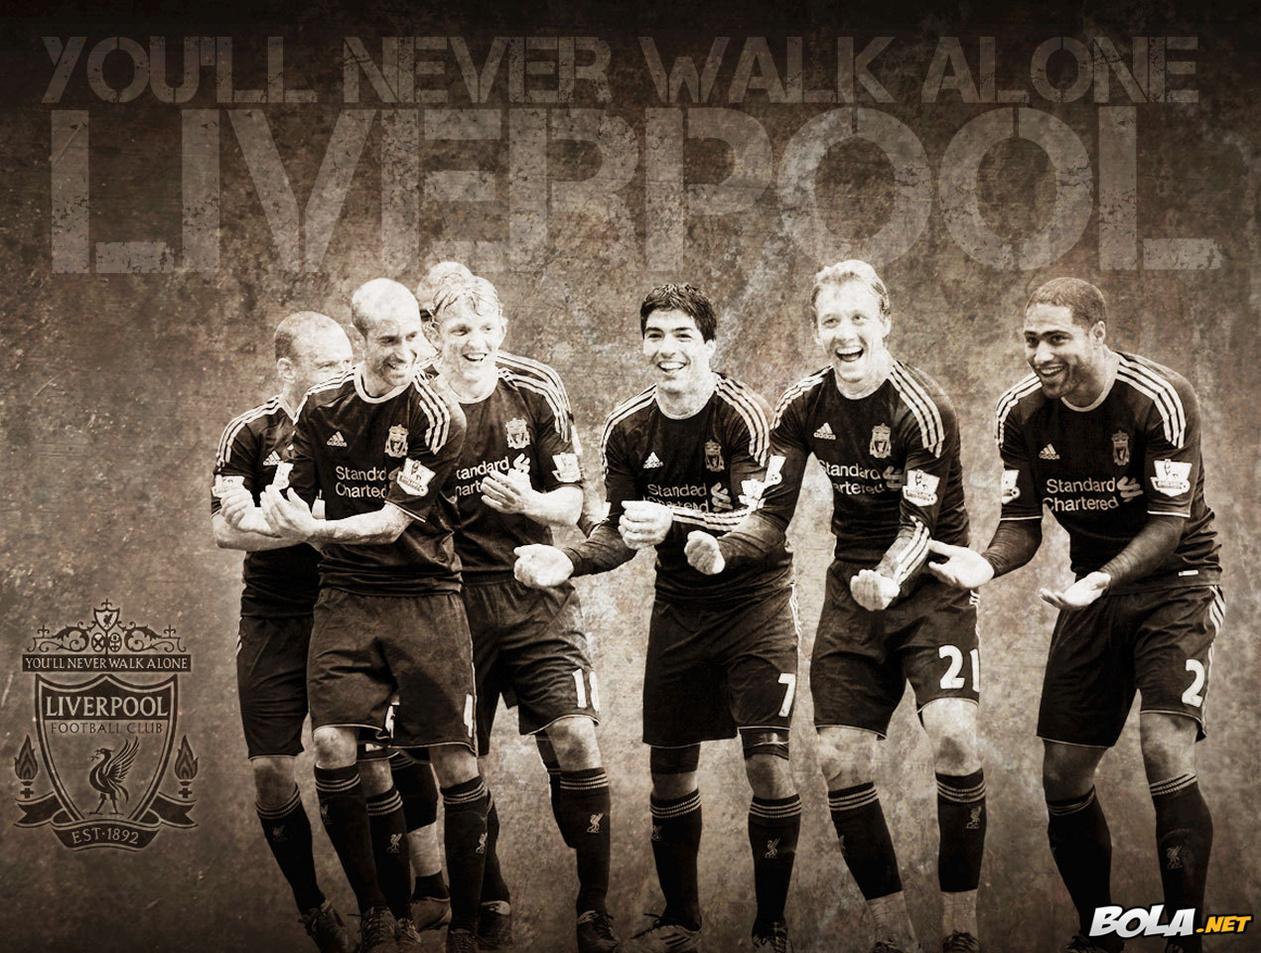 http://4.bp.blogspot.com/-H6VOf4UyvgI/TgAcwdRRTRI/AAAAAAAAA78/Ue2NxuQ3HEk/s1600/Liverpool+Widescreen+2011-2012+Wallpaper.jpg